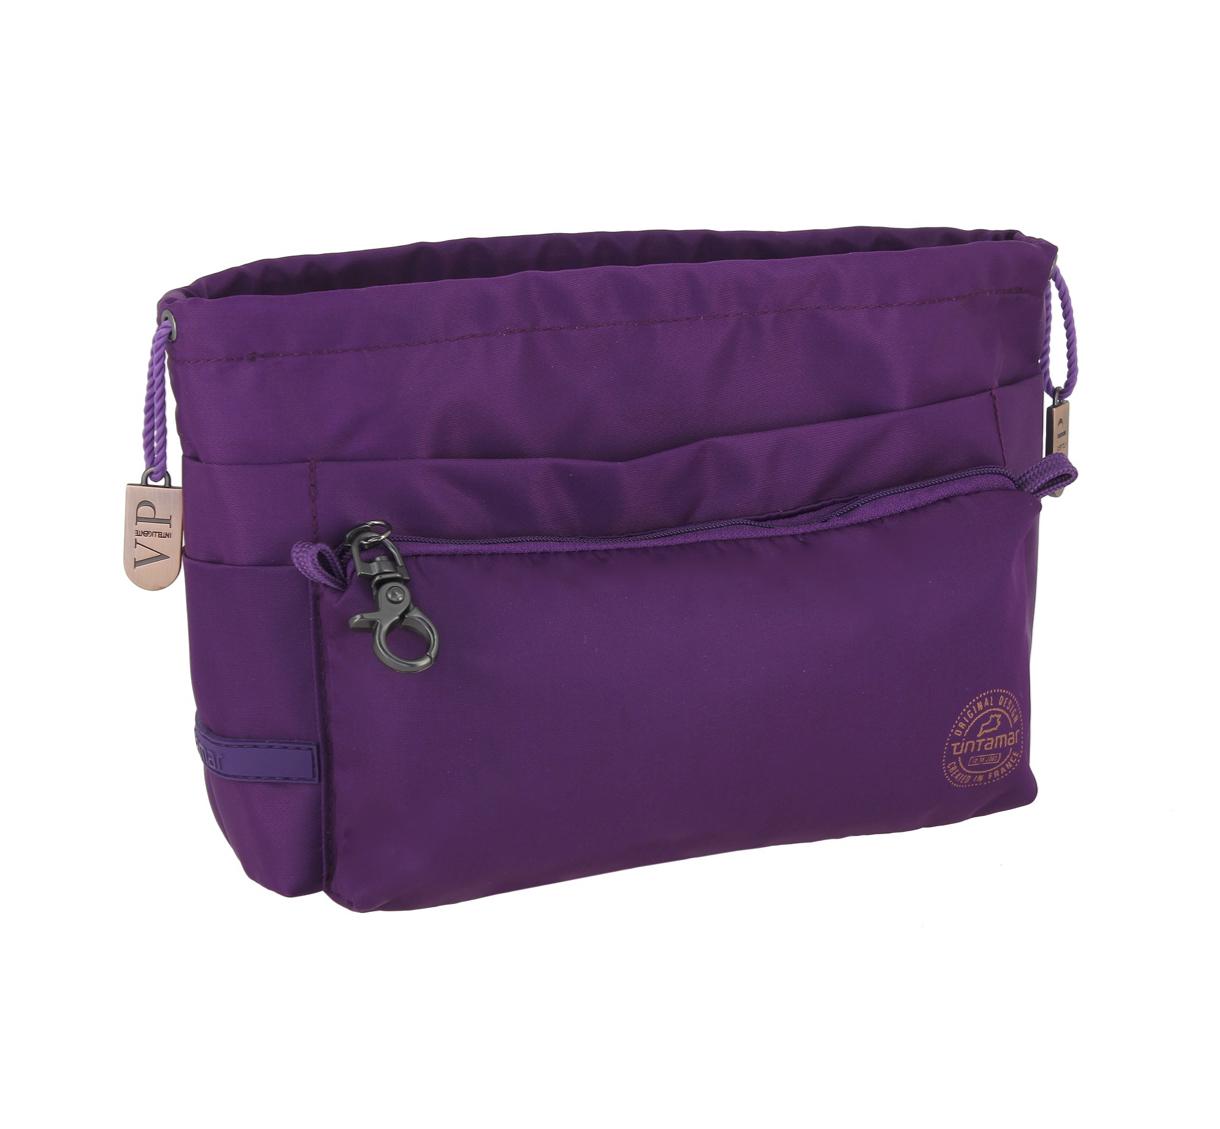 vip in out taschen organizer rund um meine handtasche unterwegs ladybutler design und. Black Bedroom Furniture Sets. Home Design Ideas